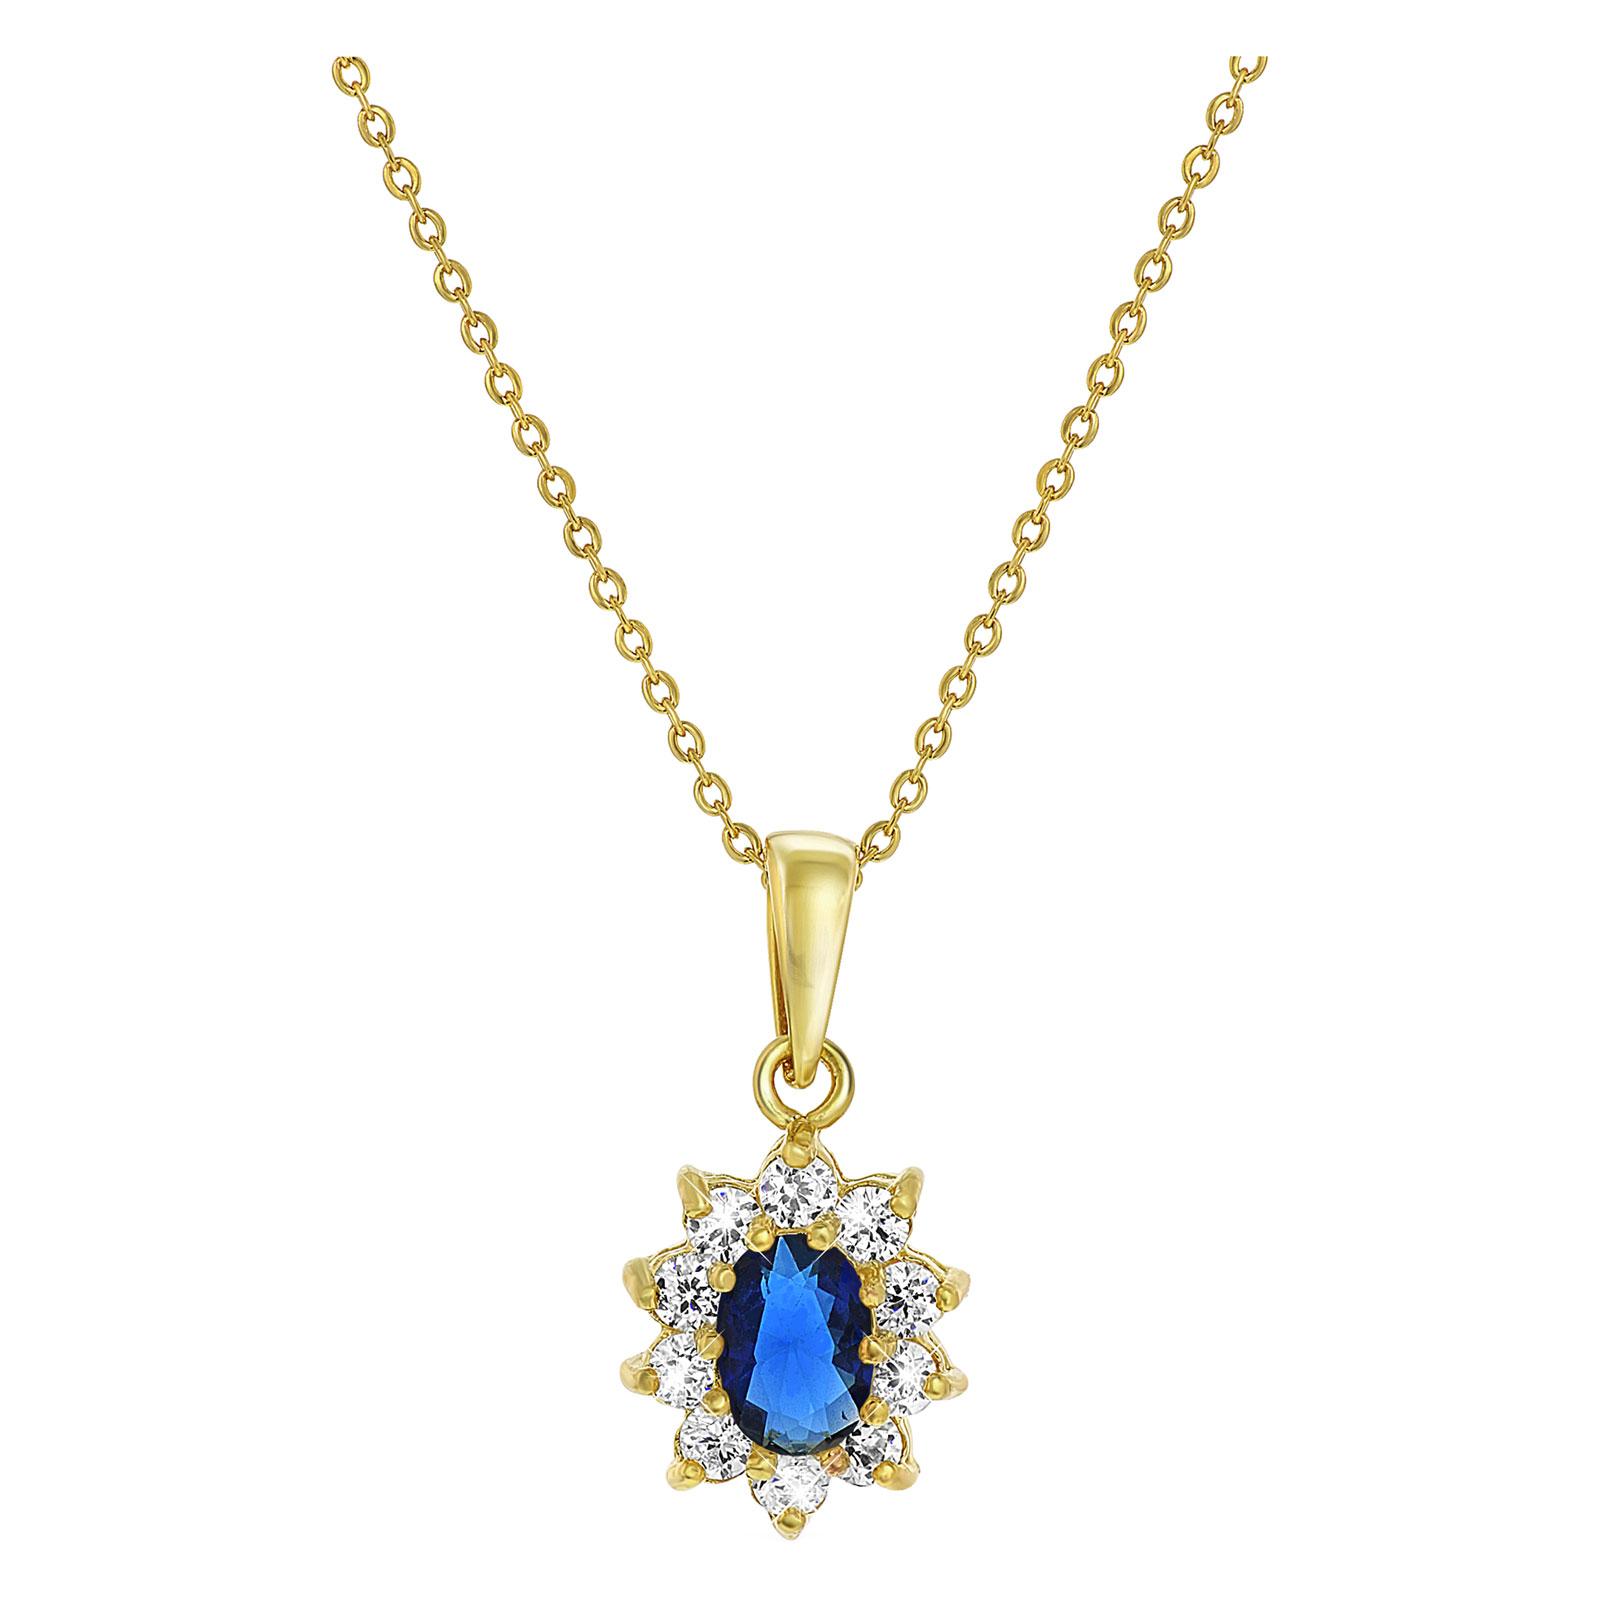 Guldpläterat halsband - Berlock med blå och vita stenar.